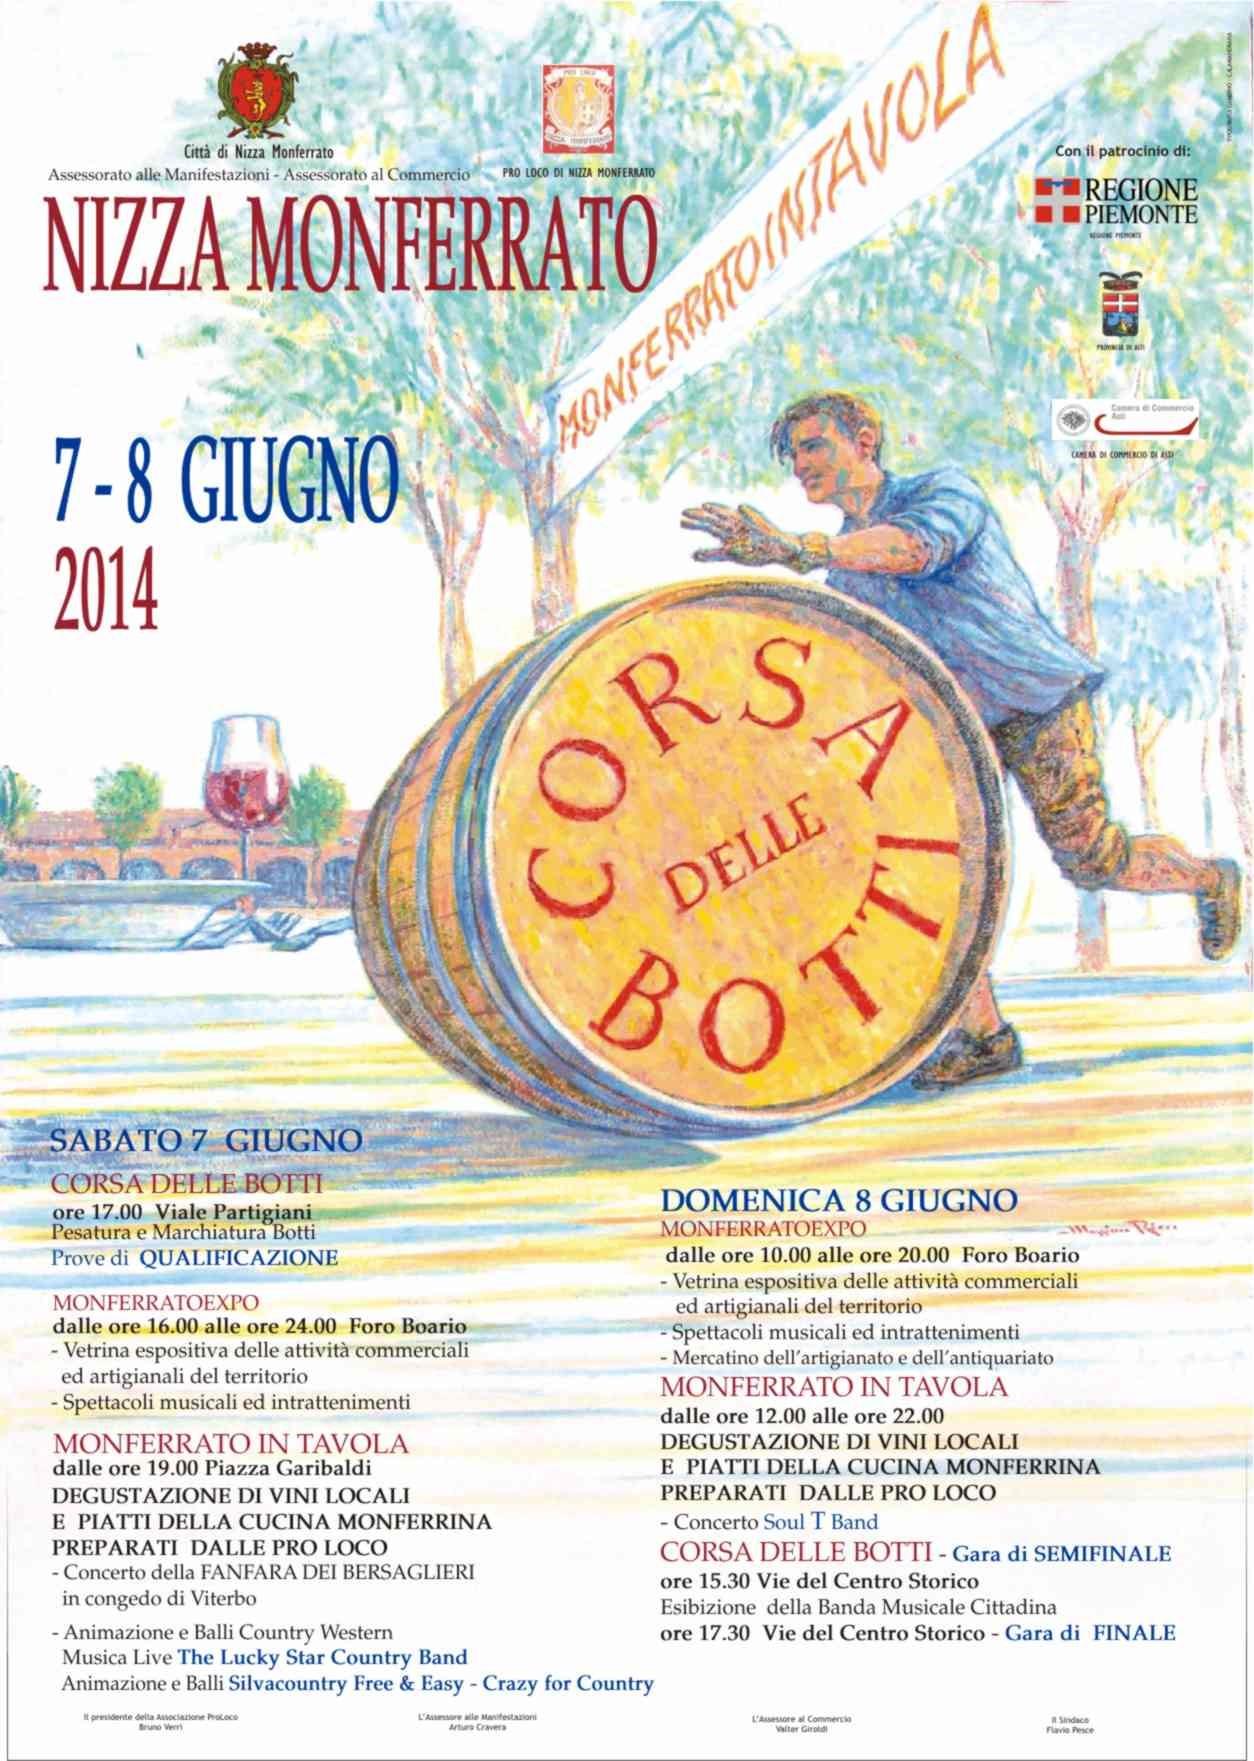 manifesto_corsa_botti